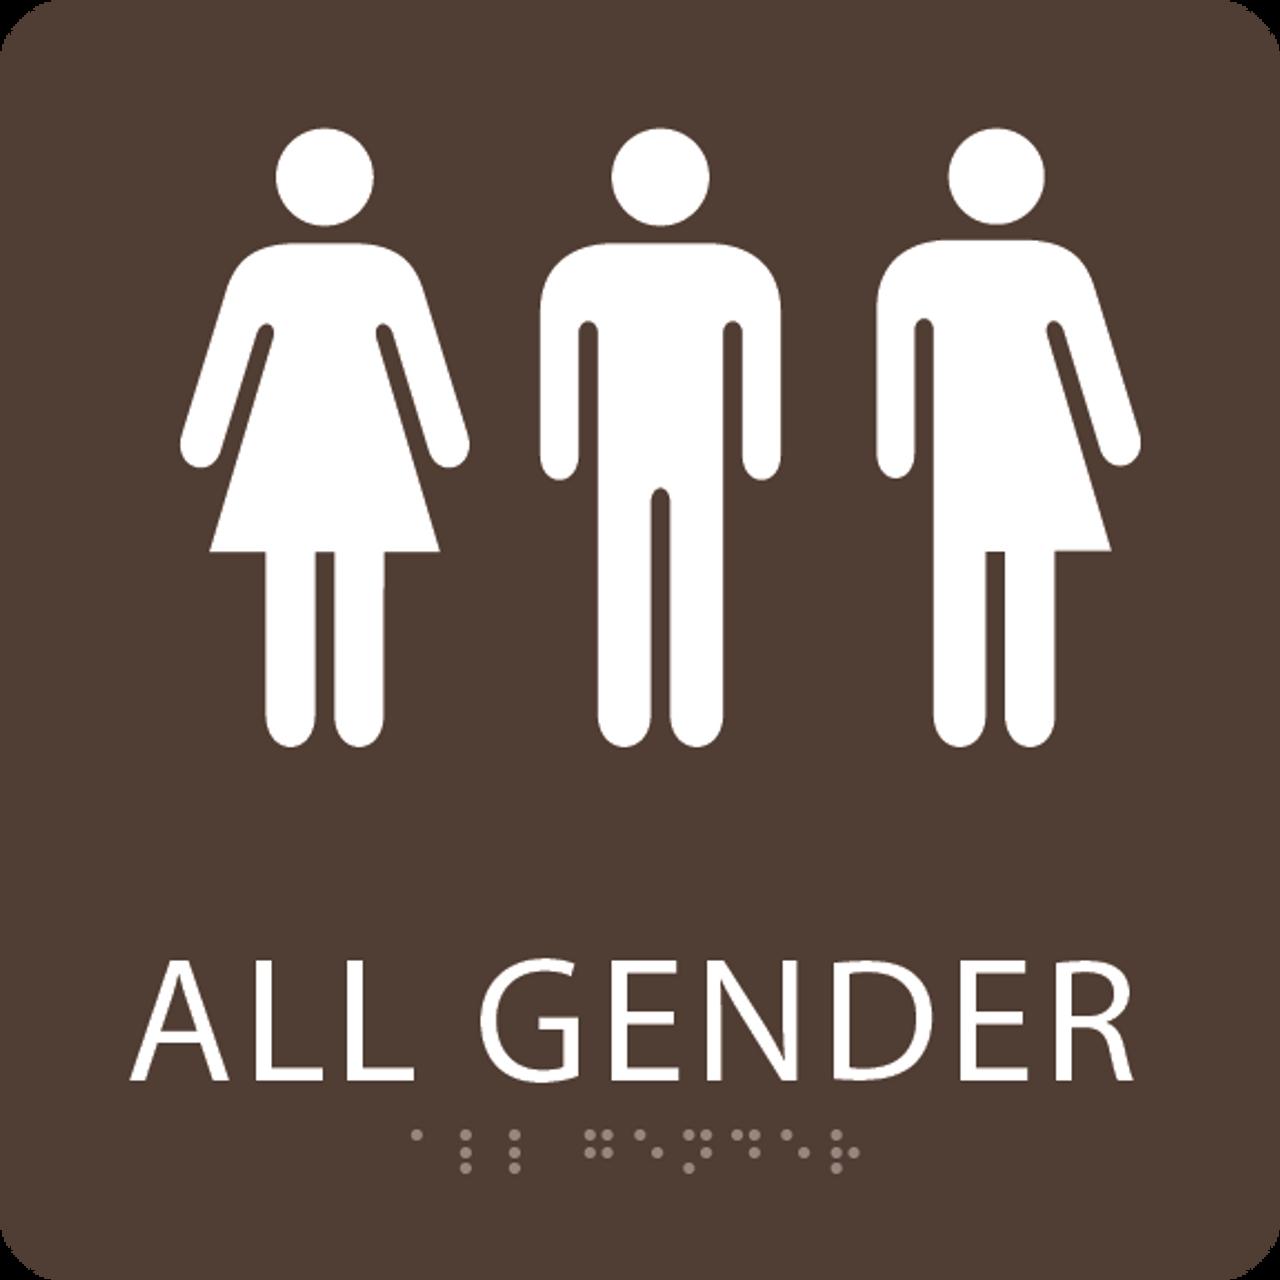 Dark Brown All Gender Restroom Sign